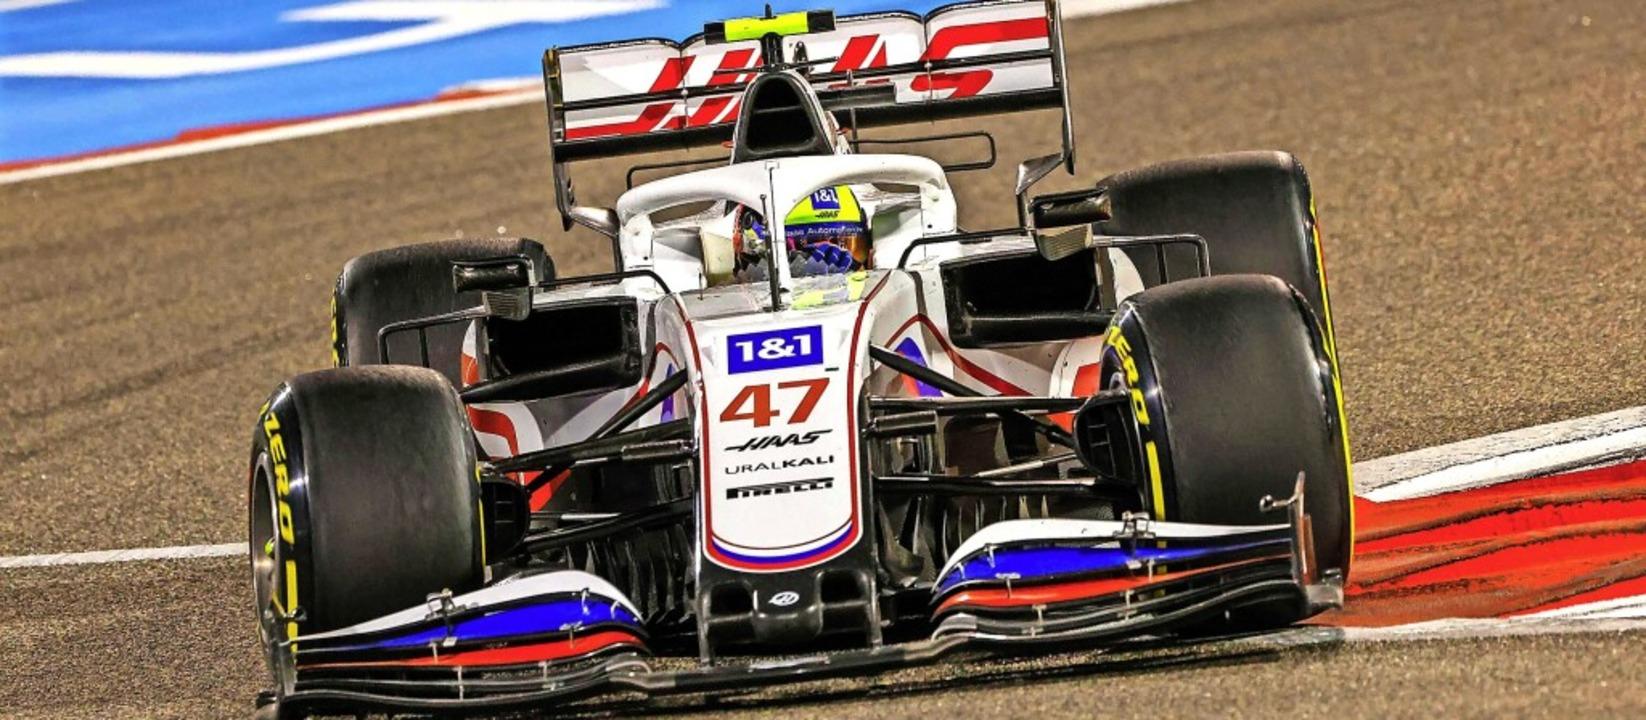 Mick Schumacher wird Letzter, sein Bol...; aus seinem Formel-1-Debüt mitnehmen.  | Foto: GIUSEPPE CACACE (AFP)